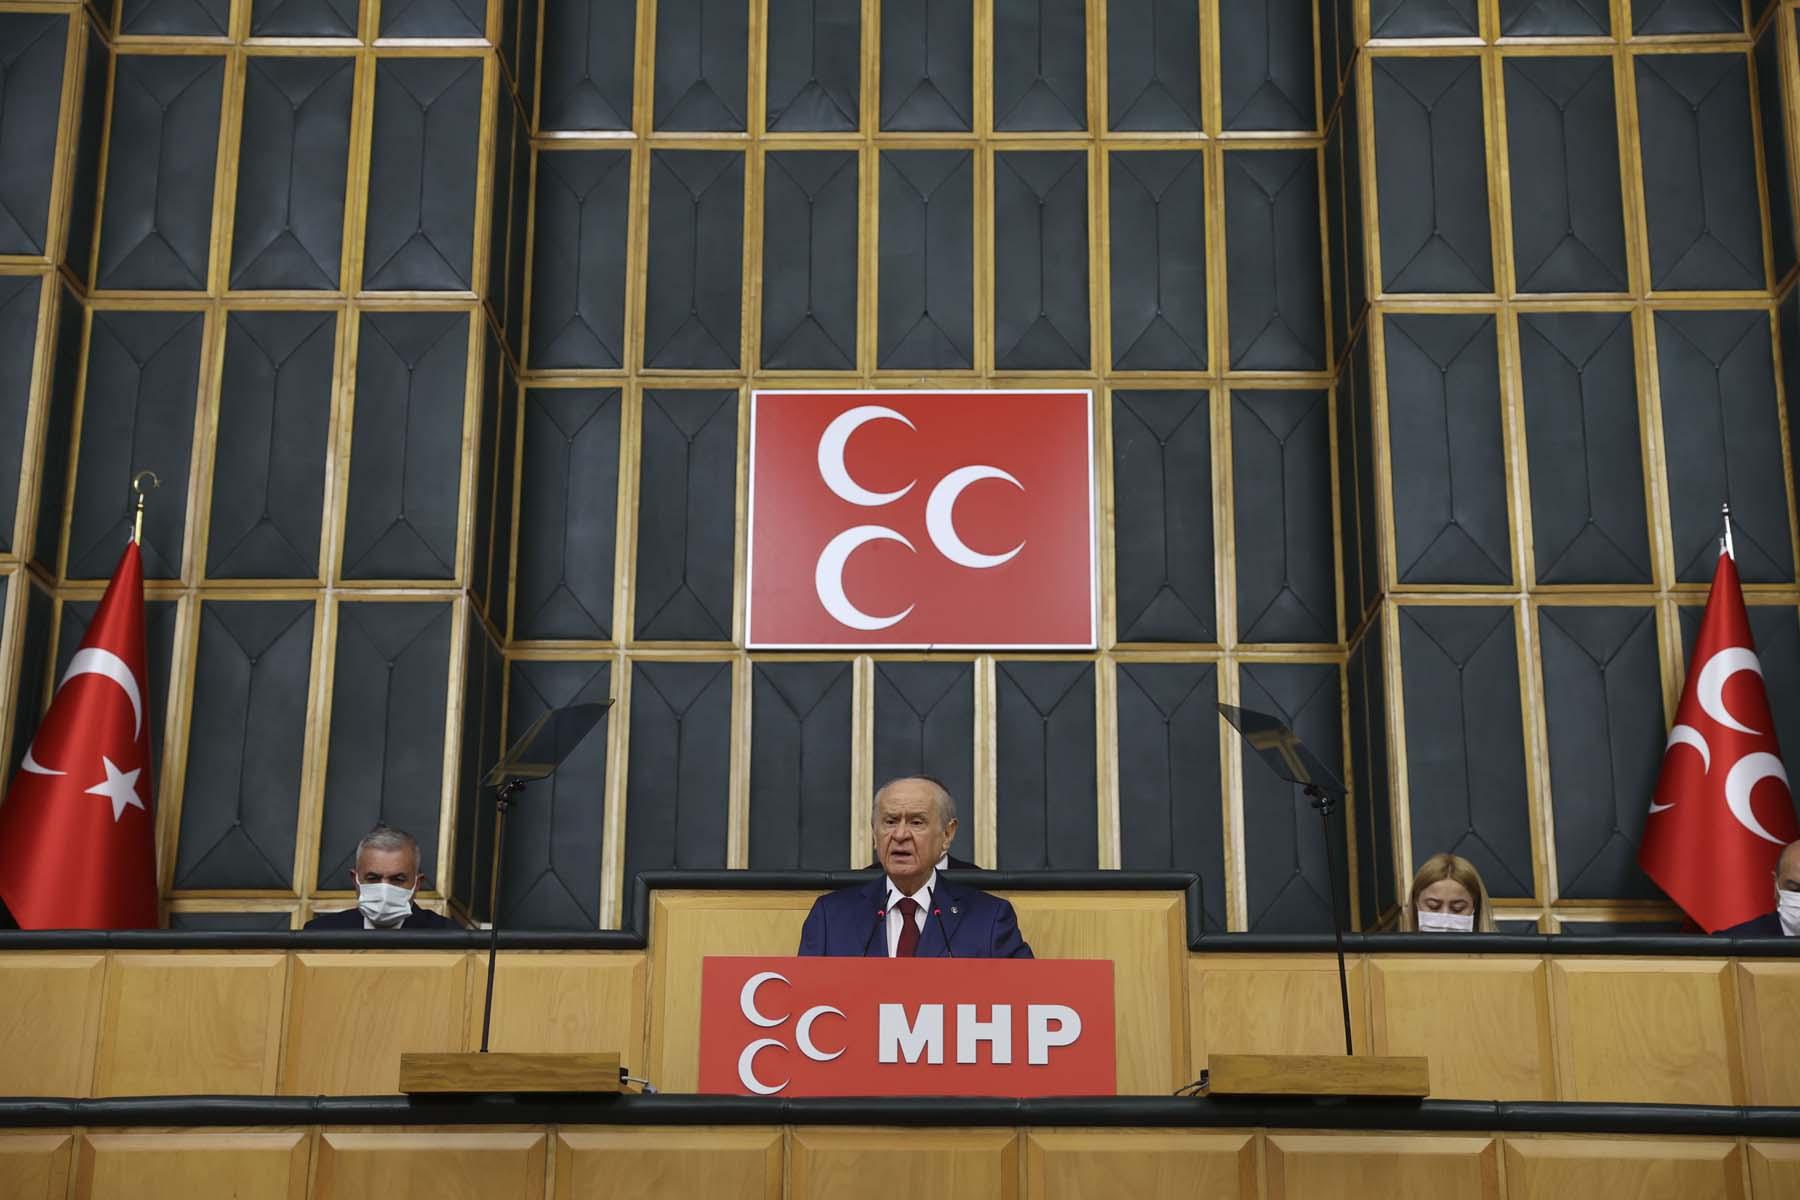 Son dakika   MHP Genel Başkanı Devlet Bahçeli seçim barajını açıkladı: Yüzde 7 olarak tescillenmiştir